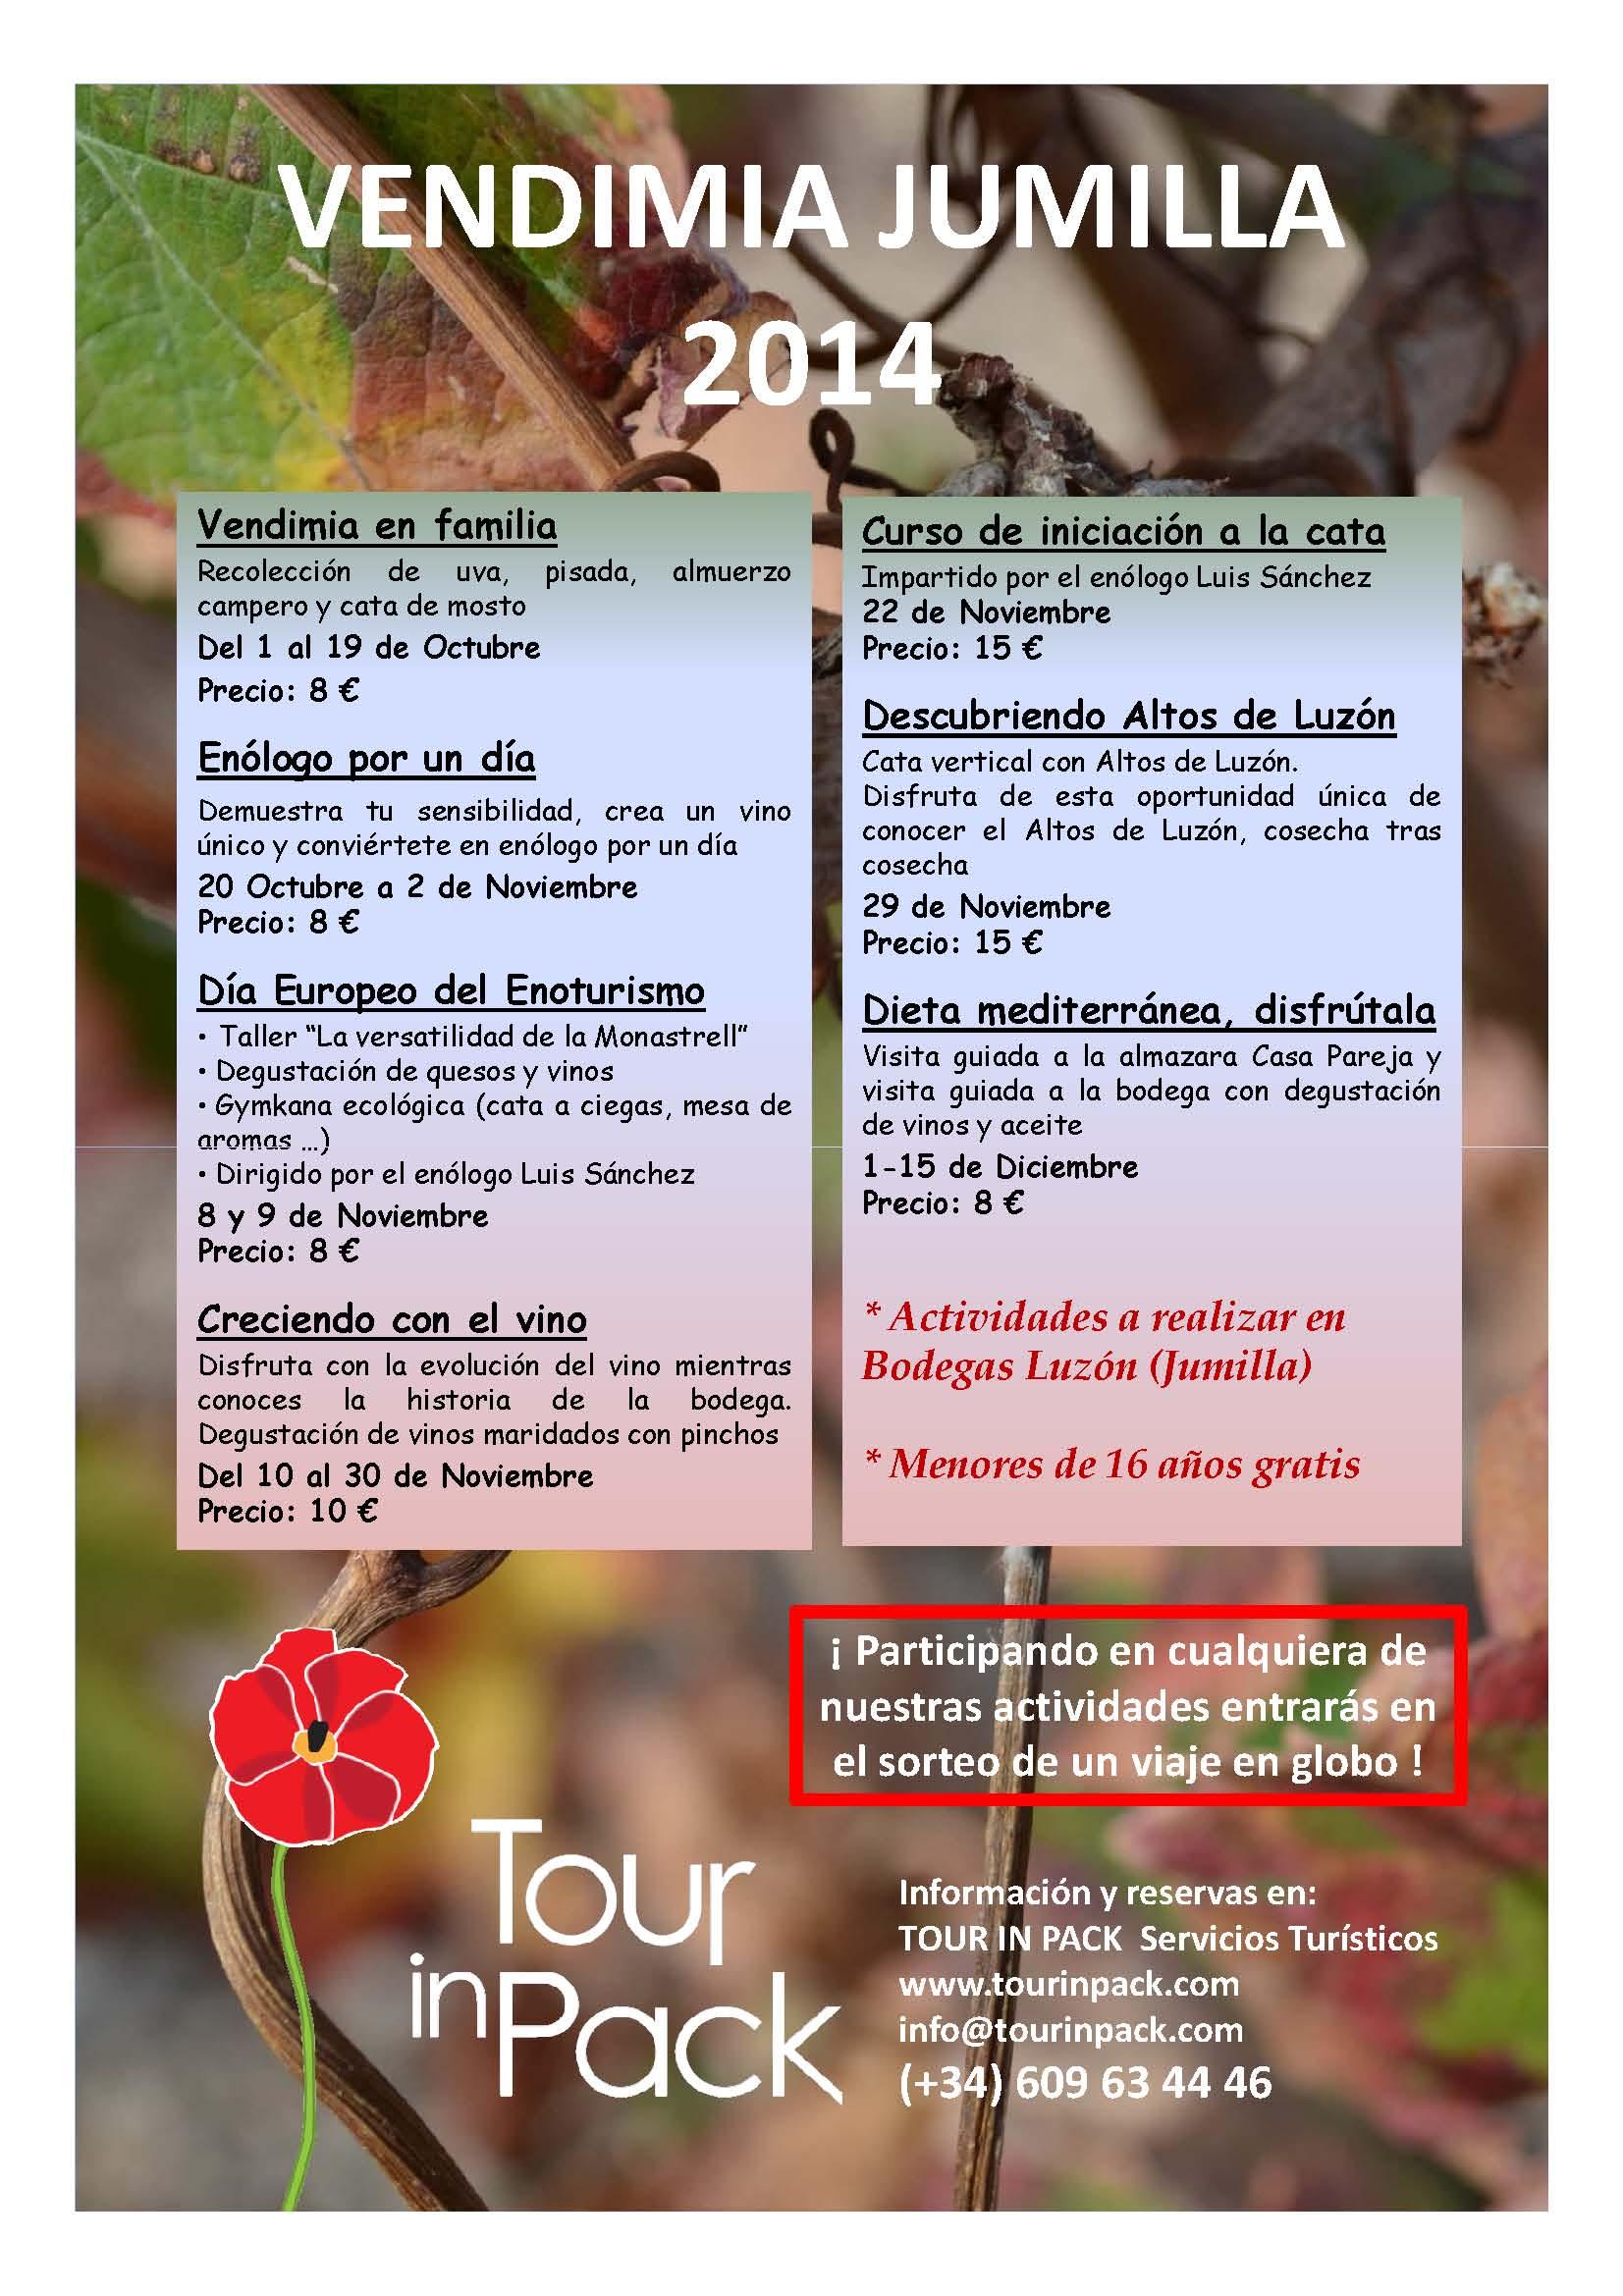 Vendimia Jumilla 2014 con Tour In Pack